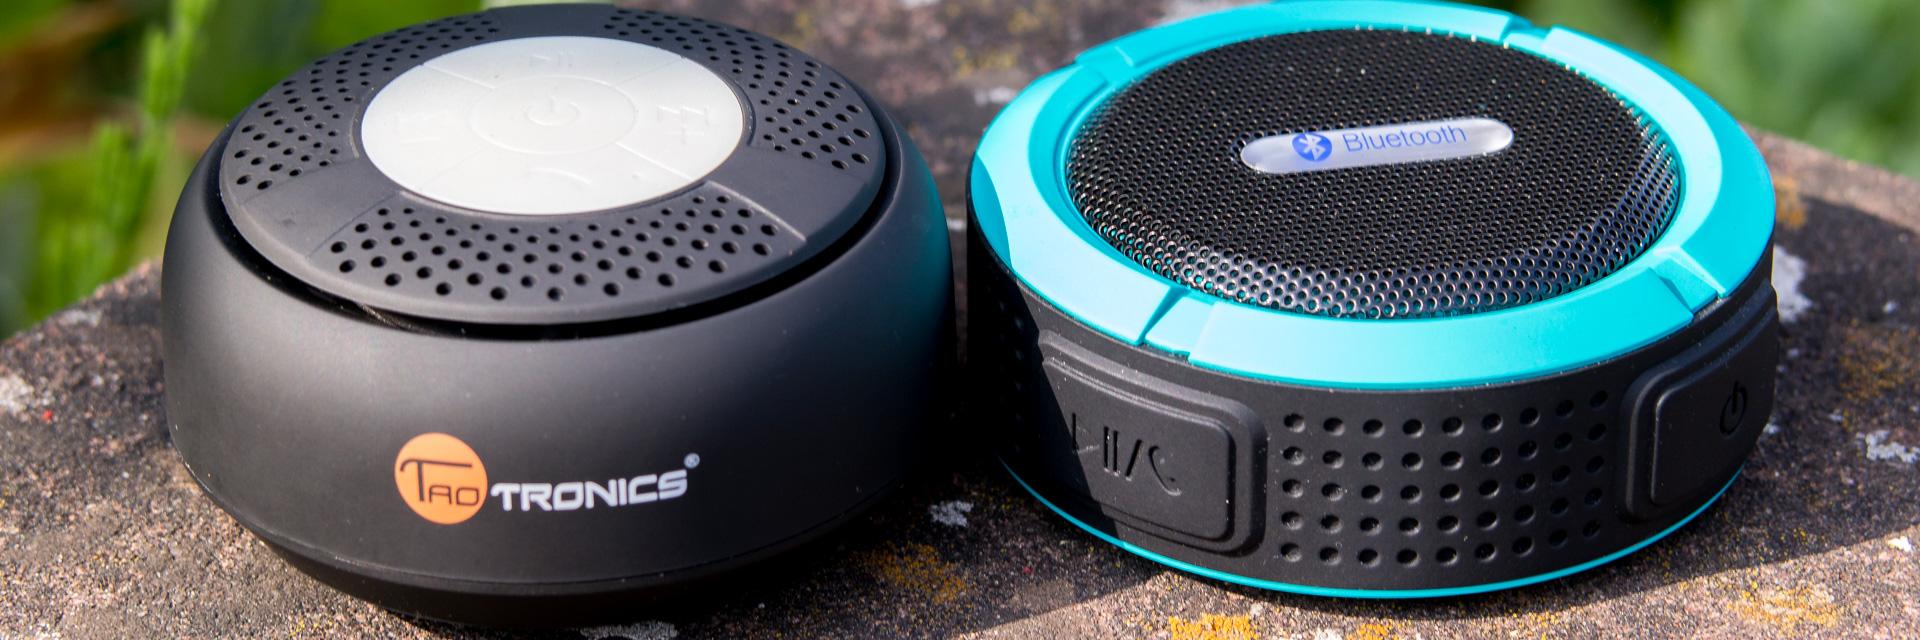 Wassergeschützte Bluetooth Lautsprecher von Patuoxun und TaoTronics im Vergleich